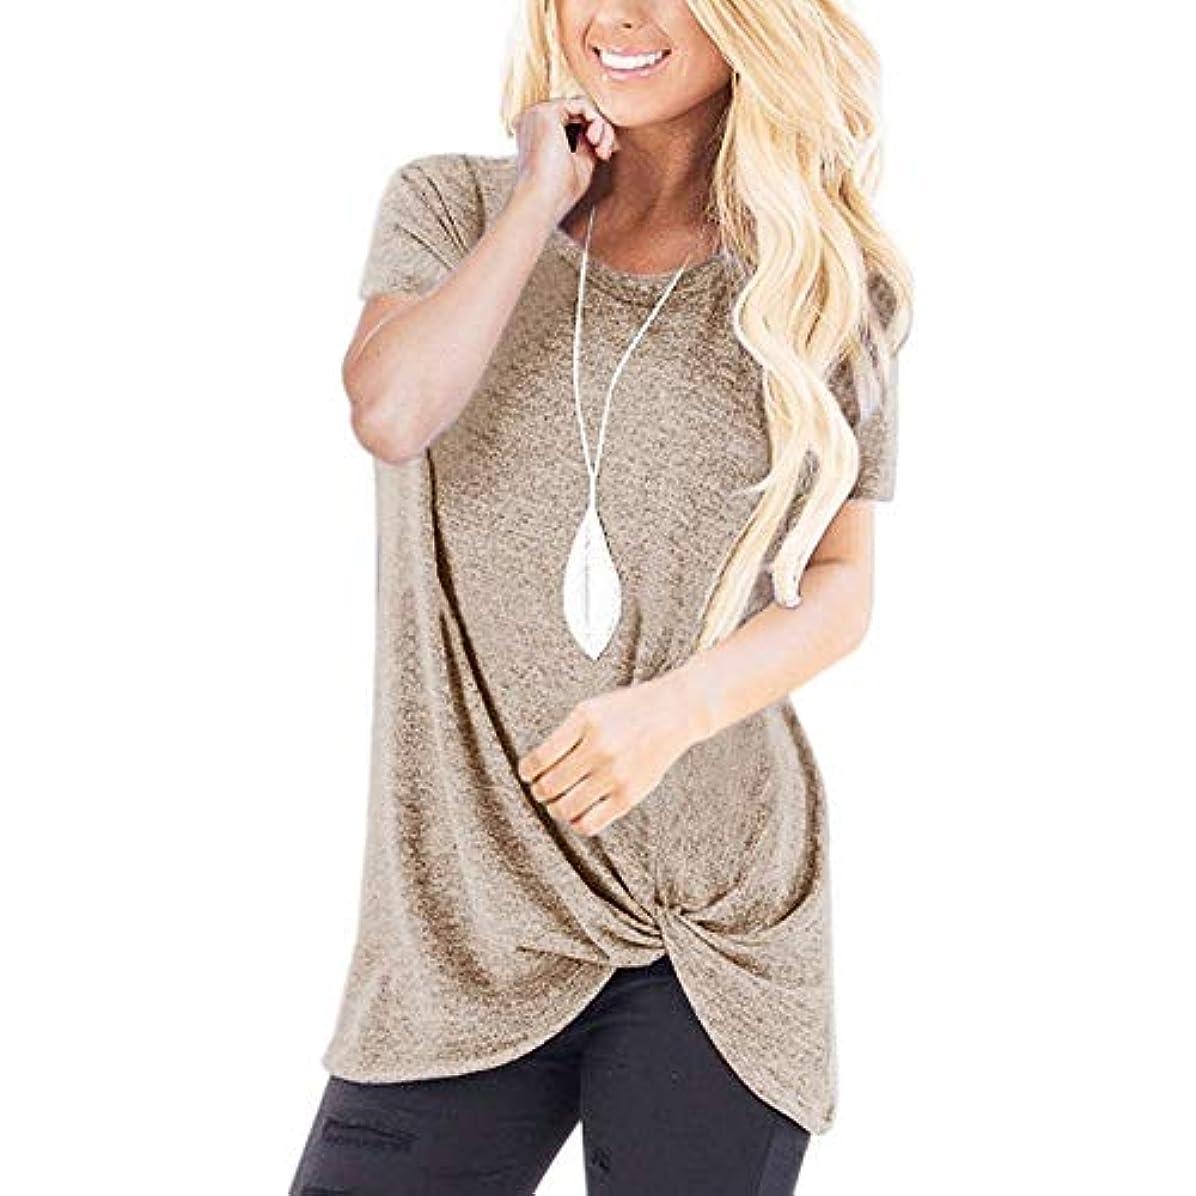 札入れピービッシュ避けるMIFAN コットンTシャツ、カジュアルTシャツ、レディースブラウス、トップス&Tシャツ、プラスサイズ、ルーズtシャツ